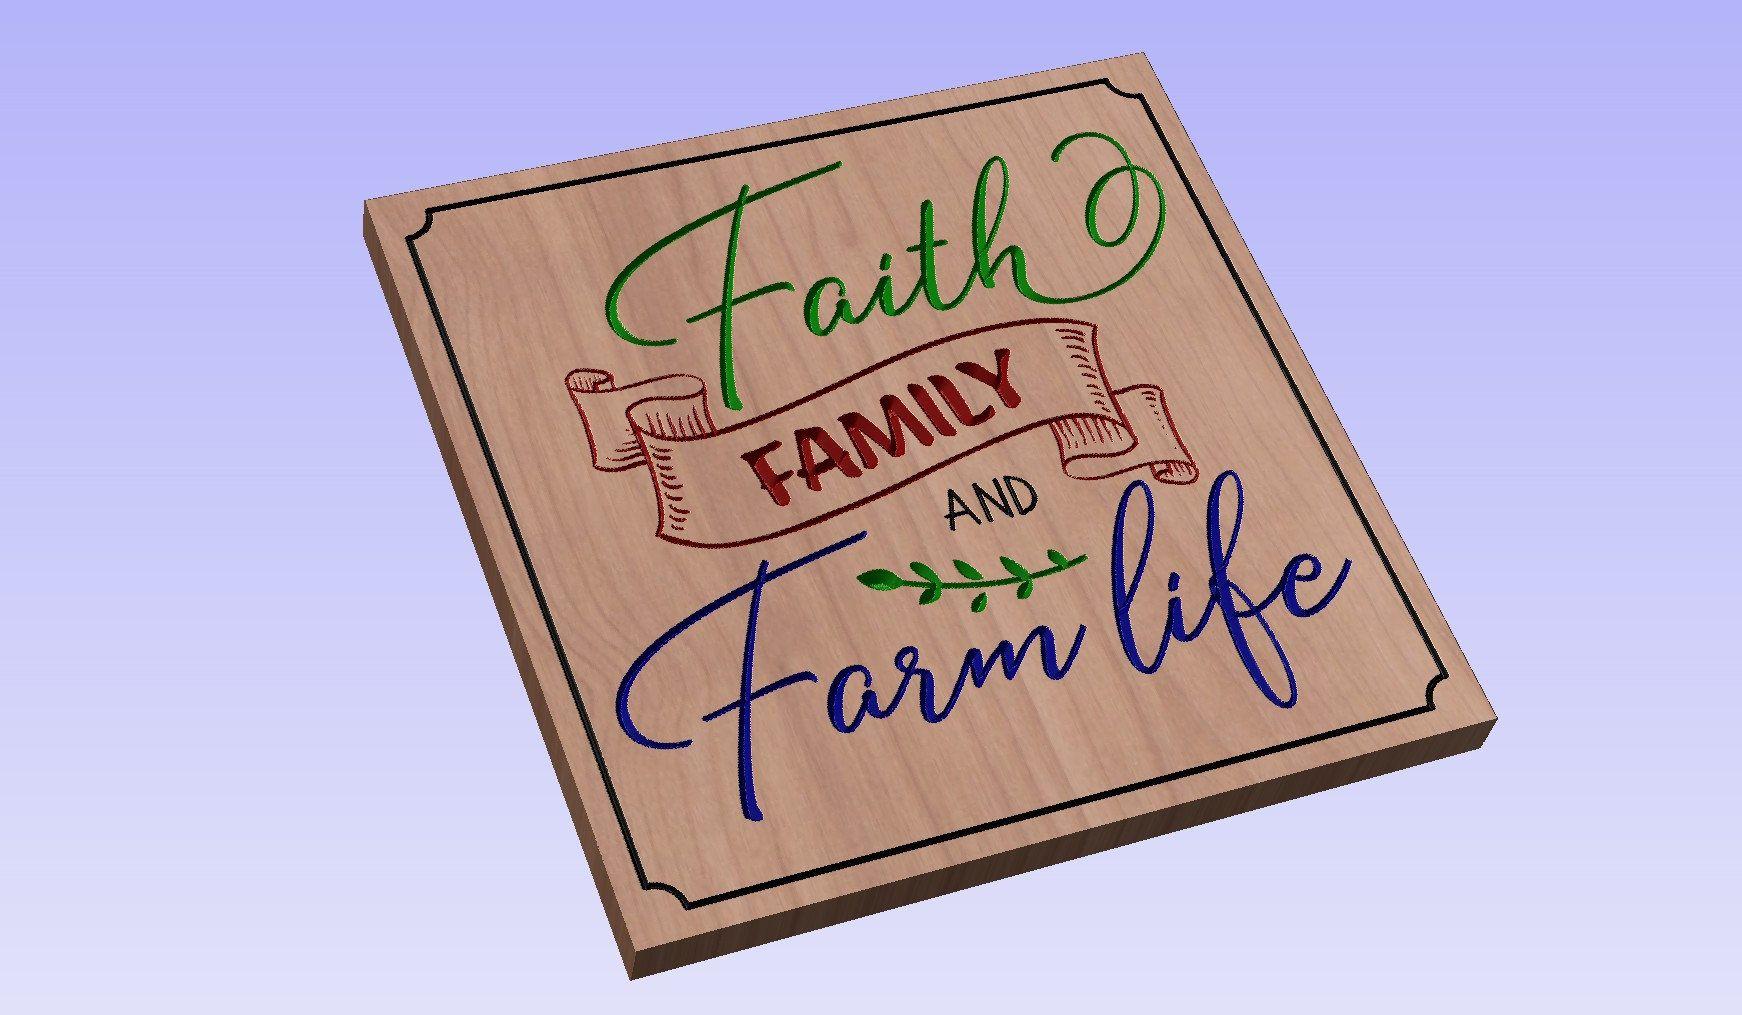 Faith Family and Farm Life crv3d, crv, dxf, ai, svg, eps